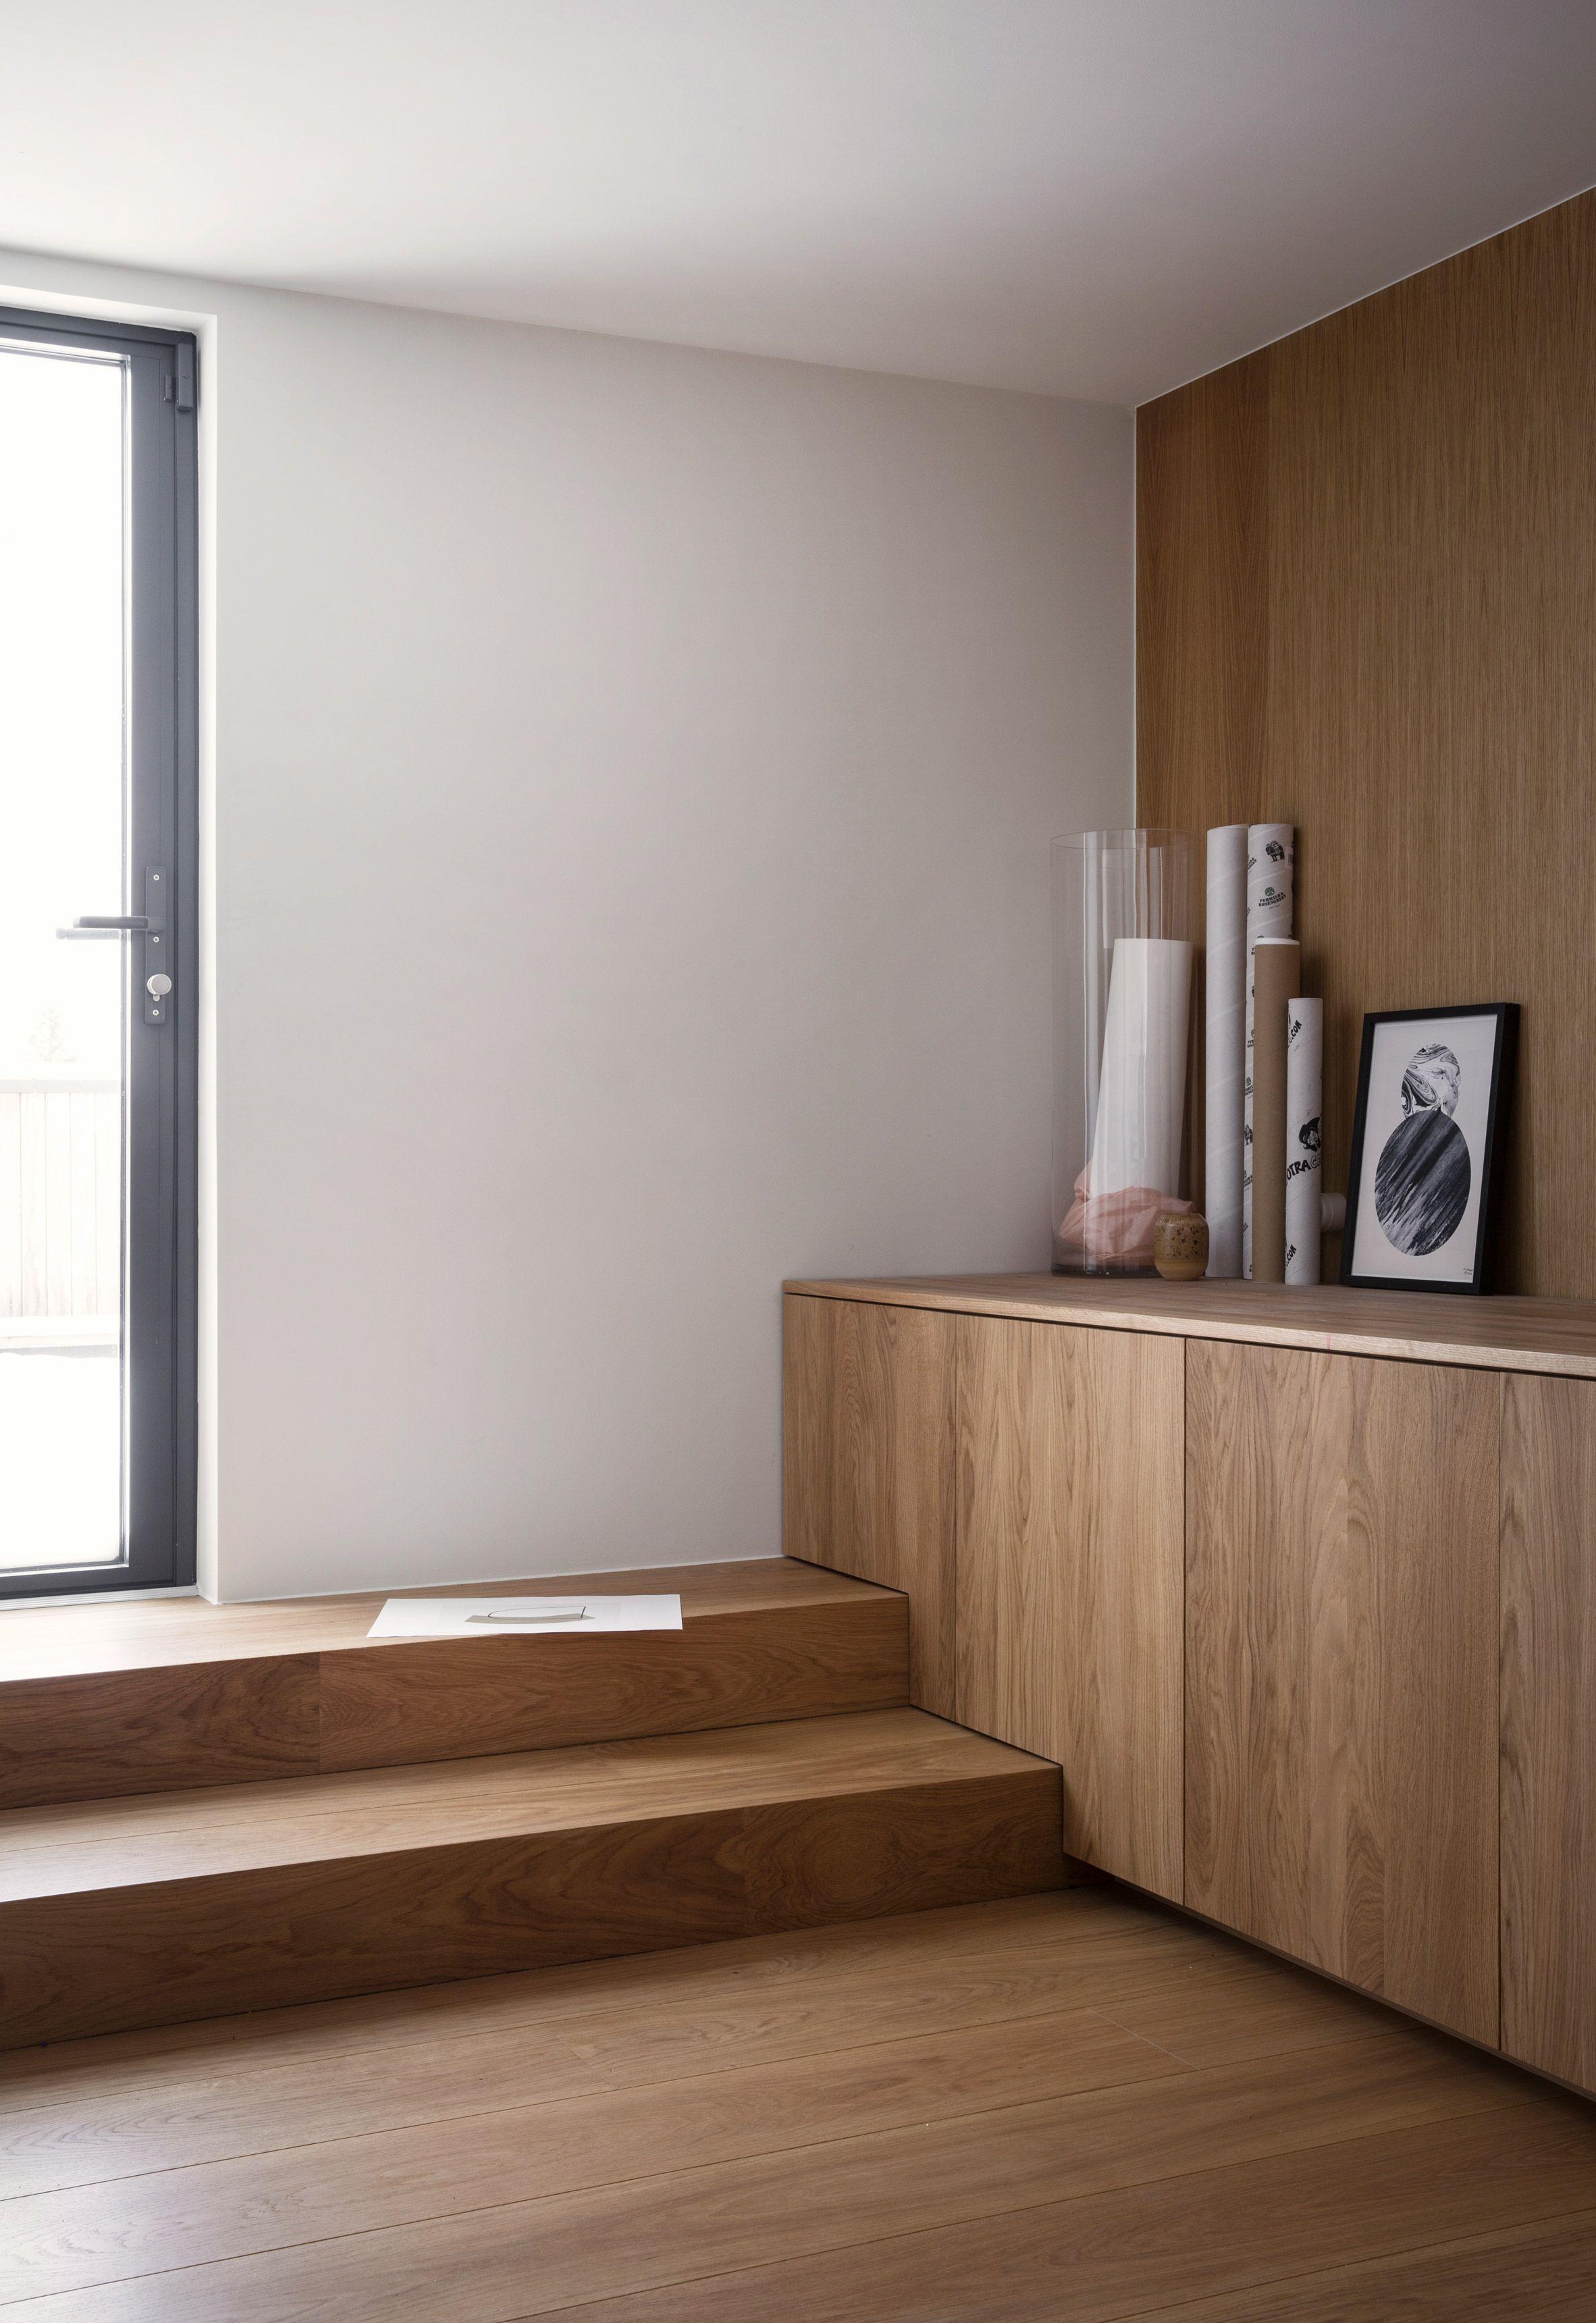 Innenfarben für haus norm architects design norwegian home to be the